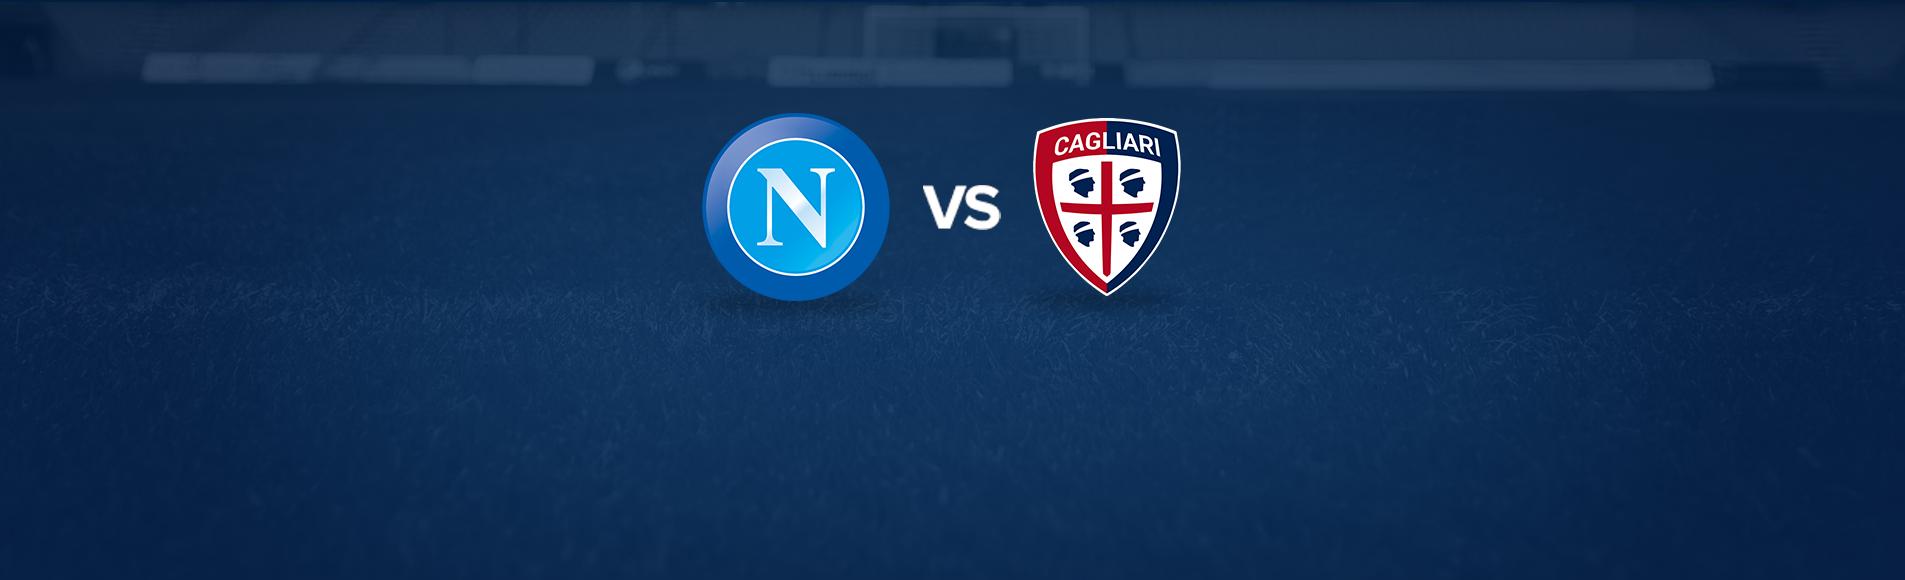 Napoli Calcio - cover